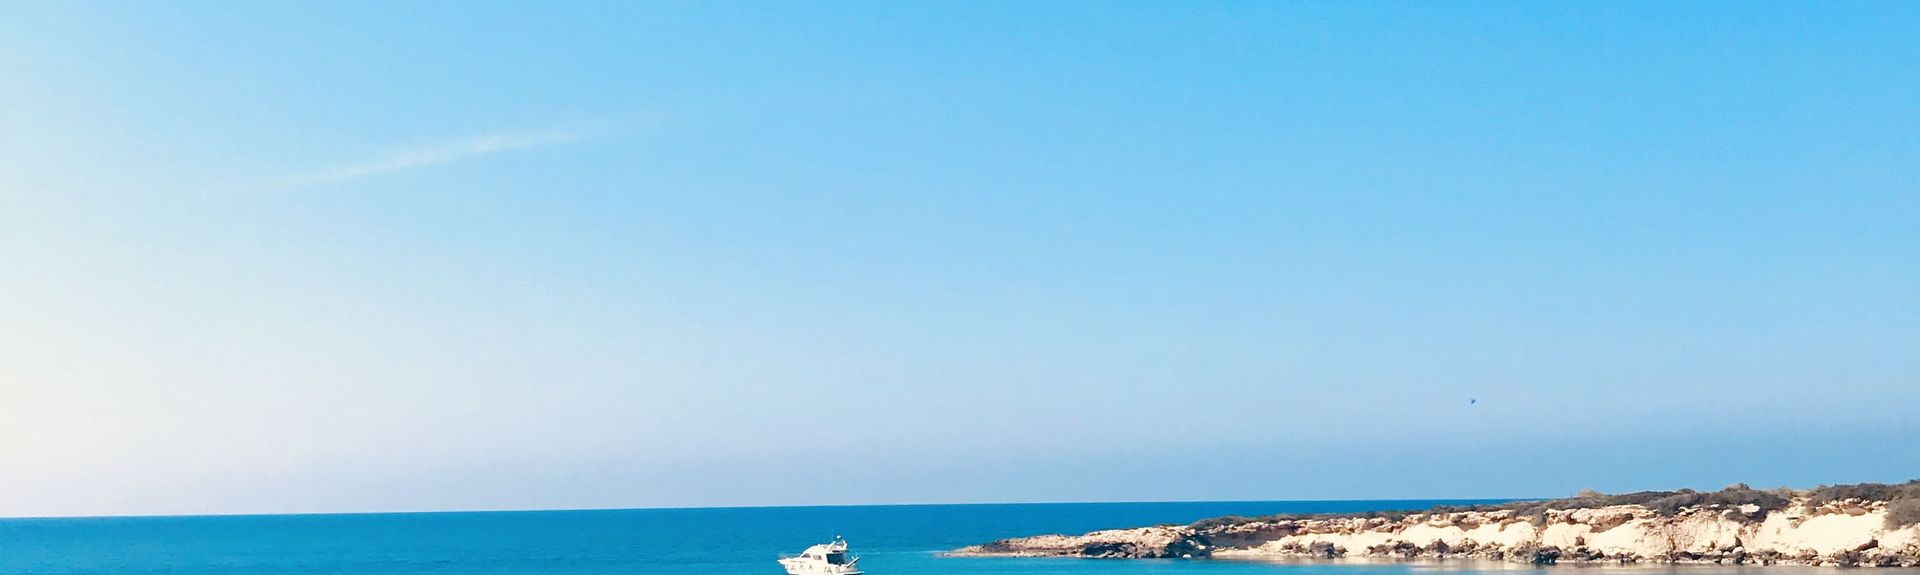 Δρούσια, Πάφος, Κύπρος